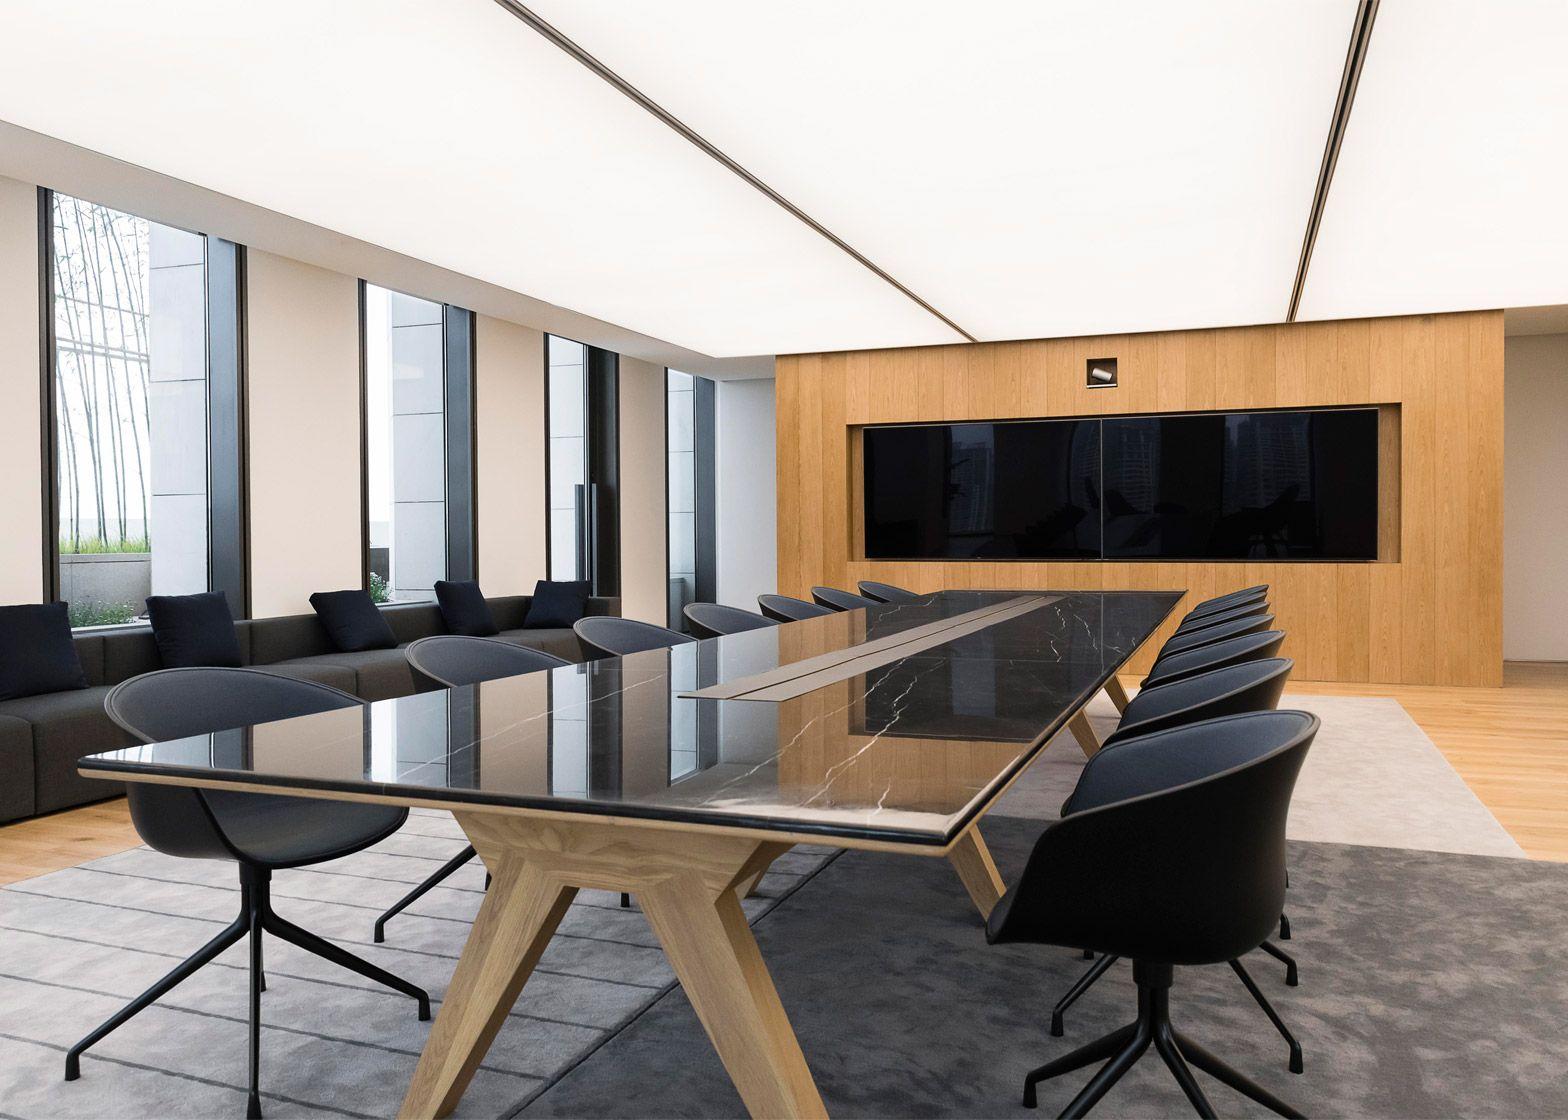 Aim Architecture designs modern interior for Soho Bund hotel